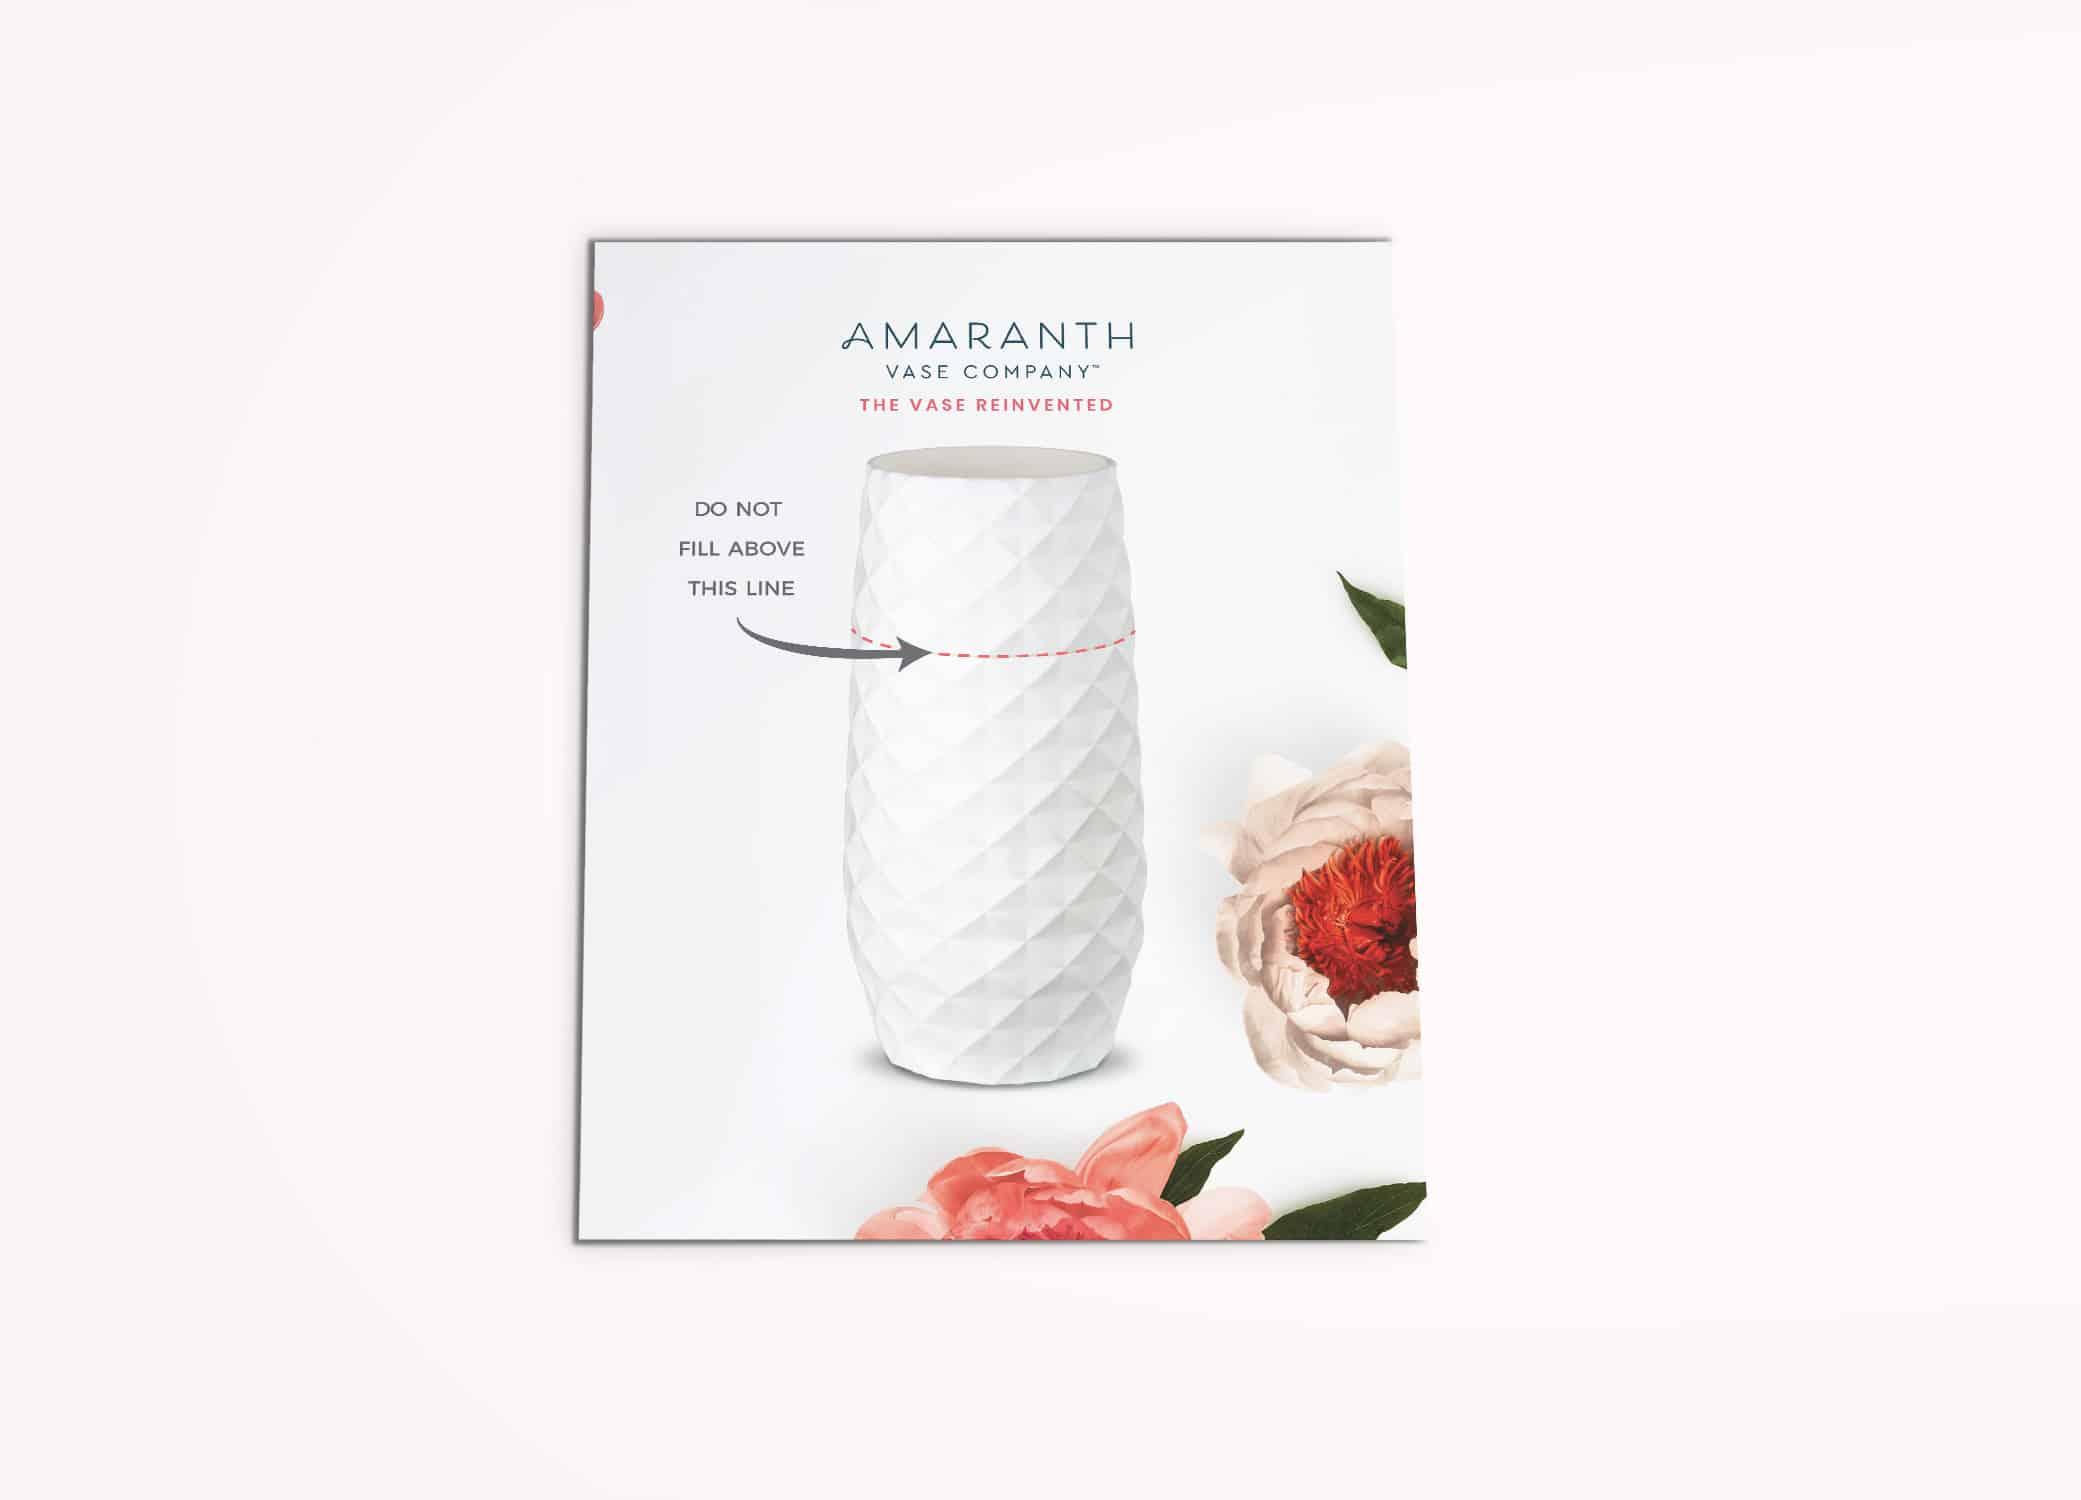 Amaranth Vase instructional postcard against light pink background.